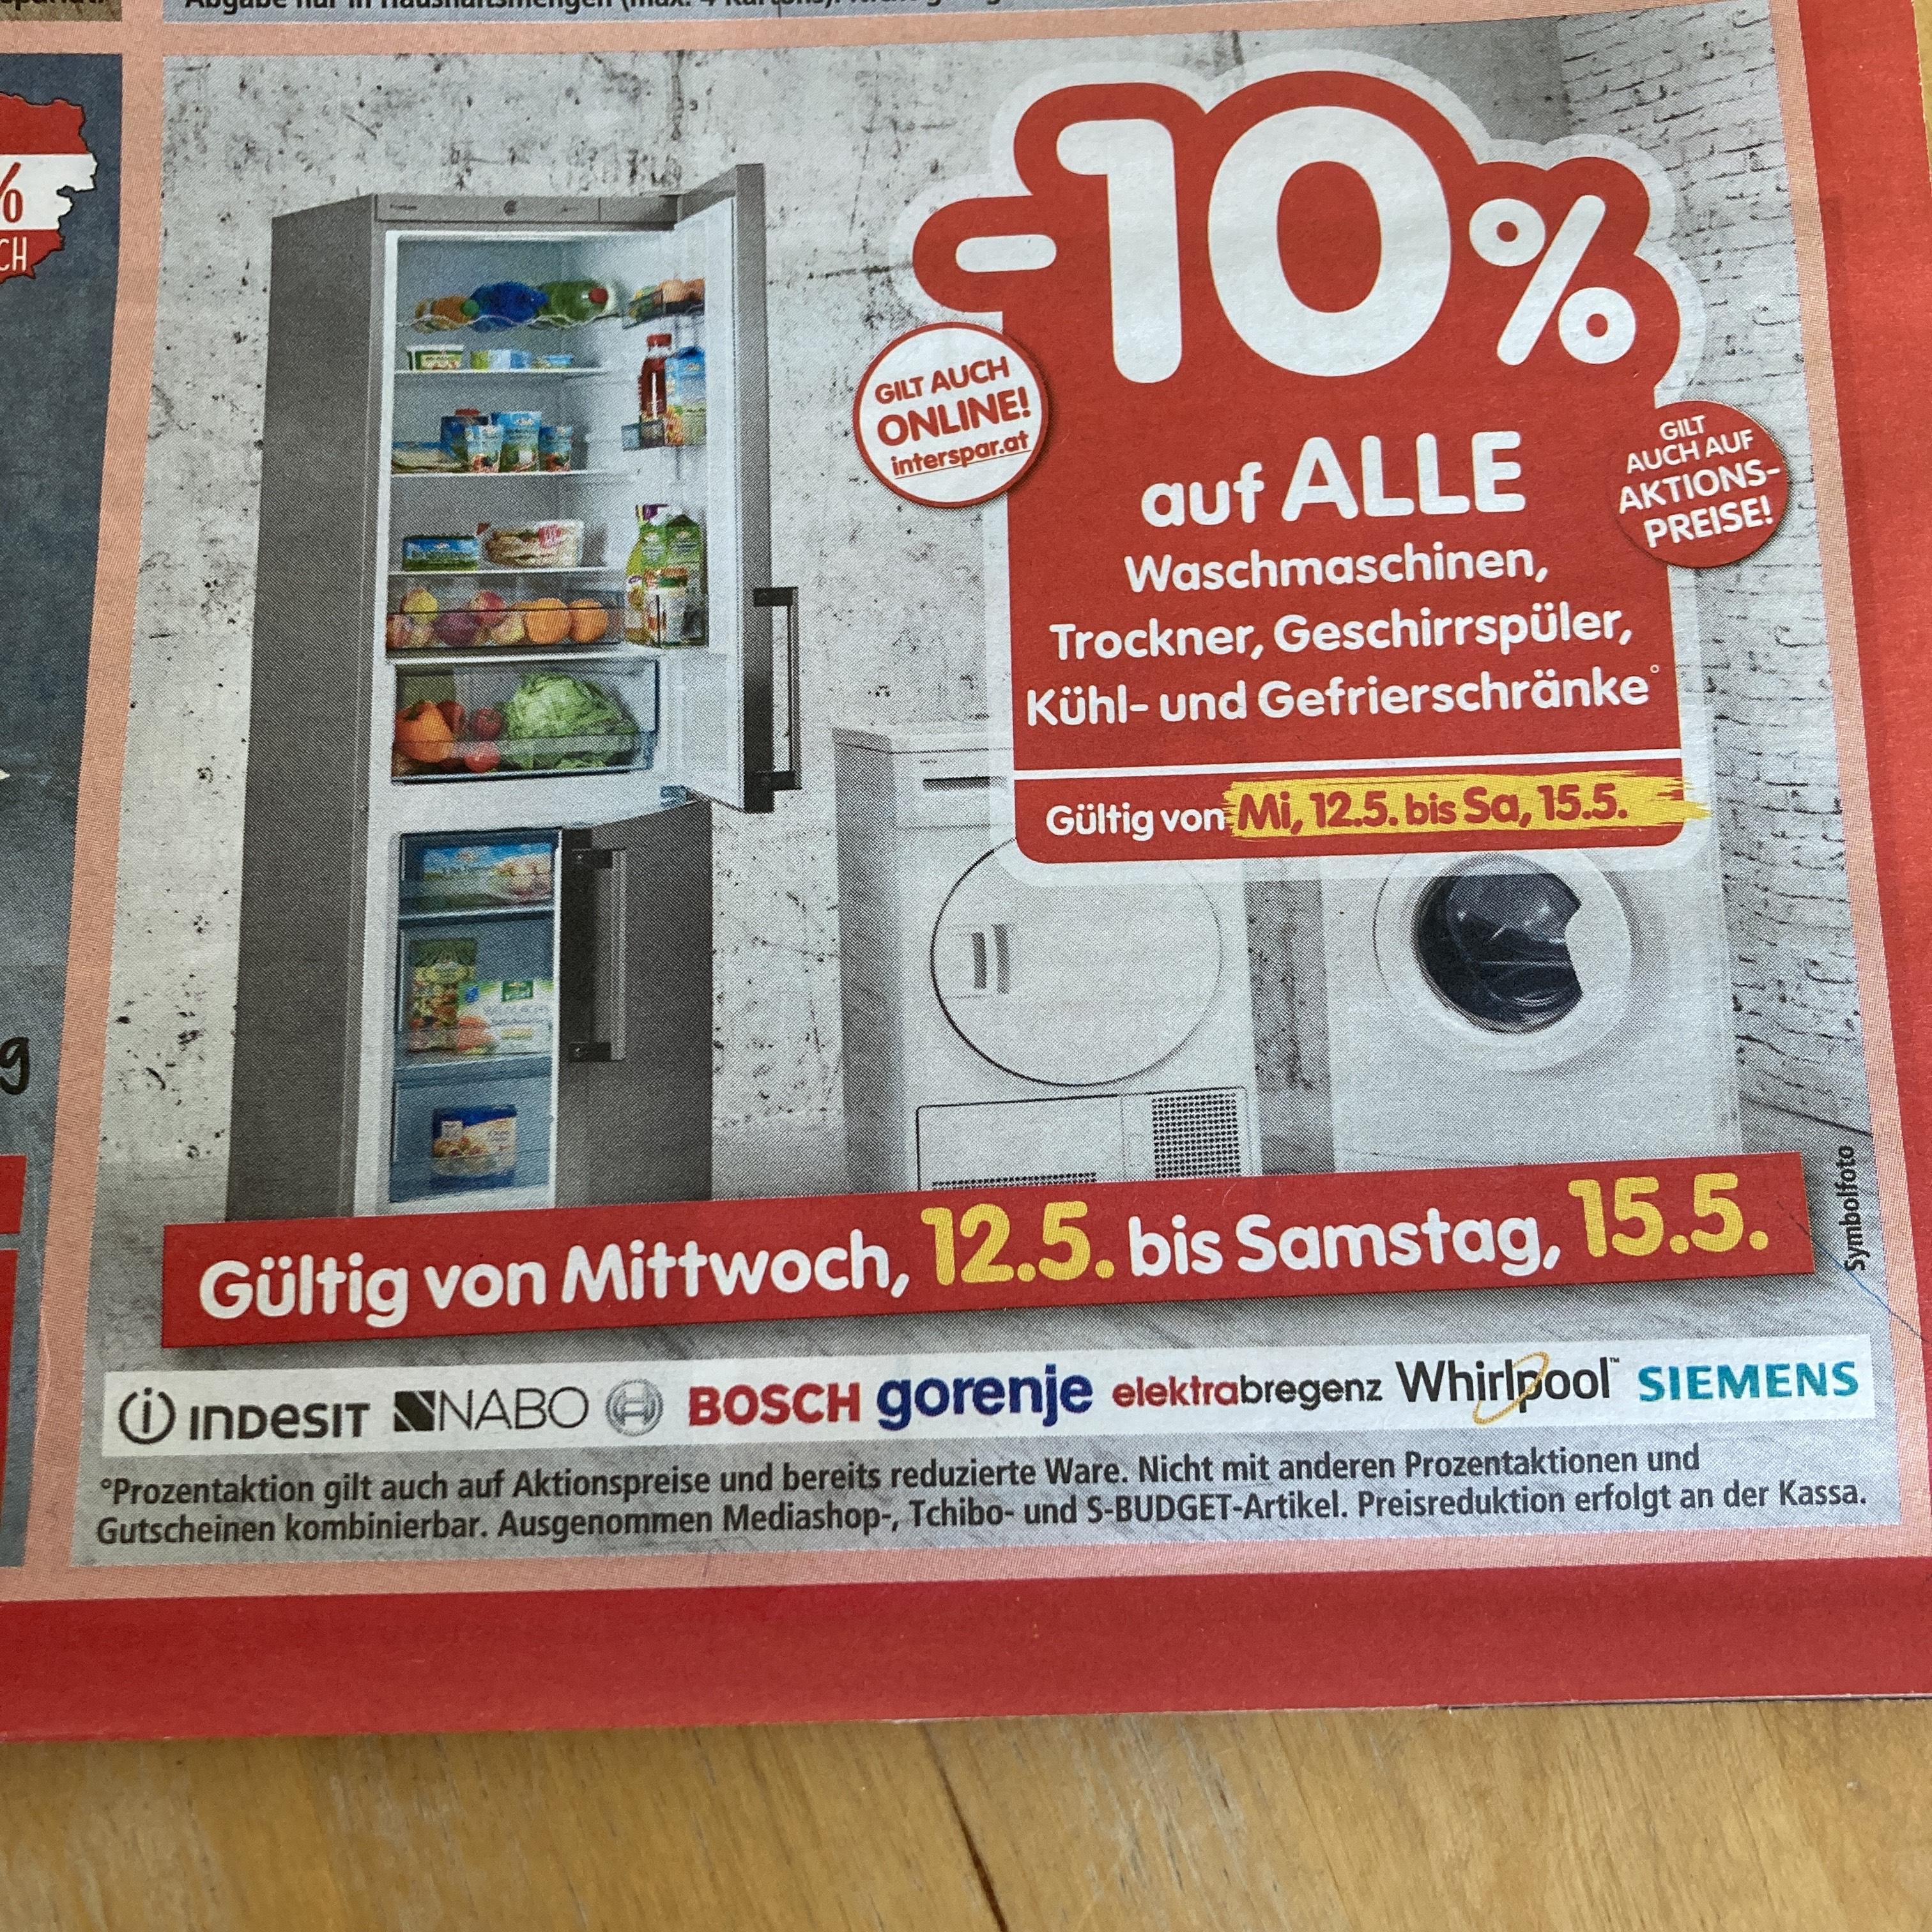 INTERSPAR - 10 % auf alle Waschmaschinen, Trockner, Geschirrspüler und Kühl- und Gefriergeräte